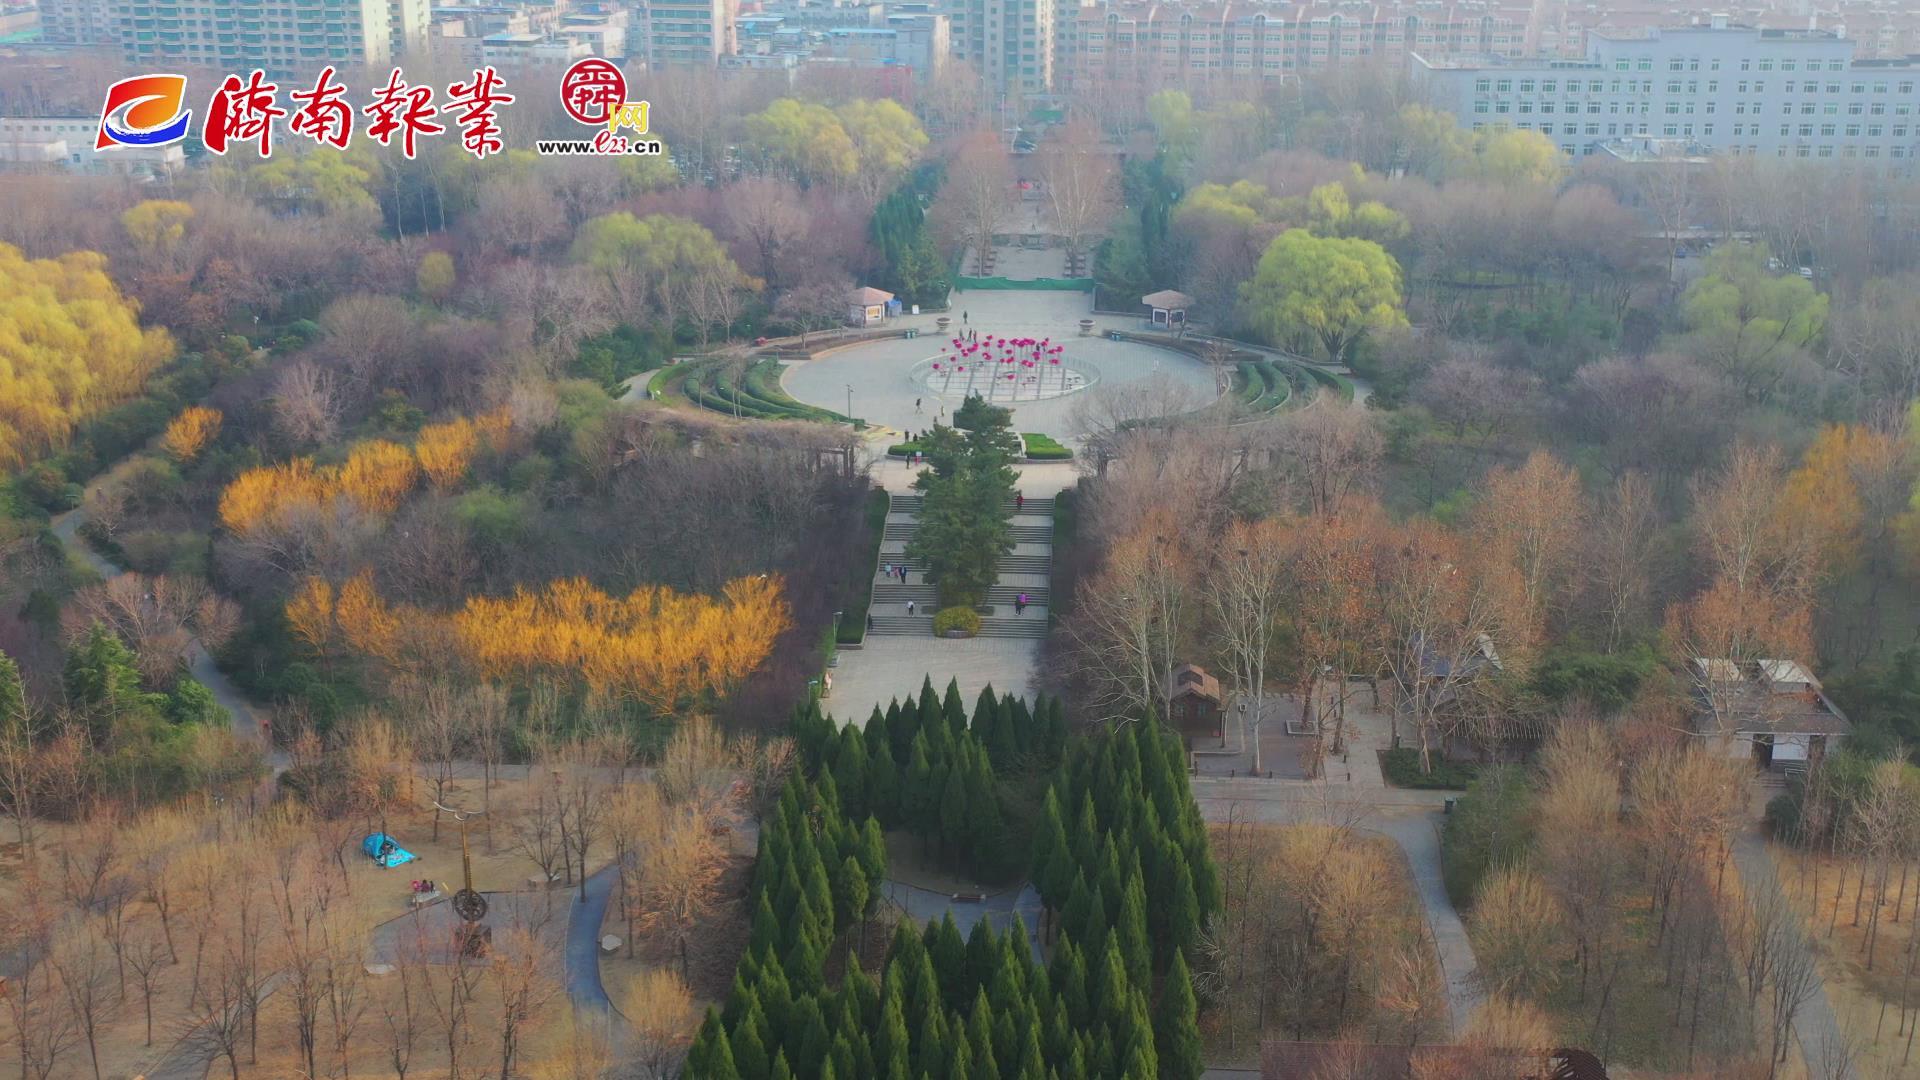 【舜网云踏青(八)】姹紫嫣红扮靓森林公园